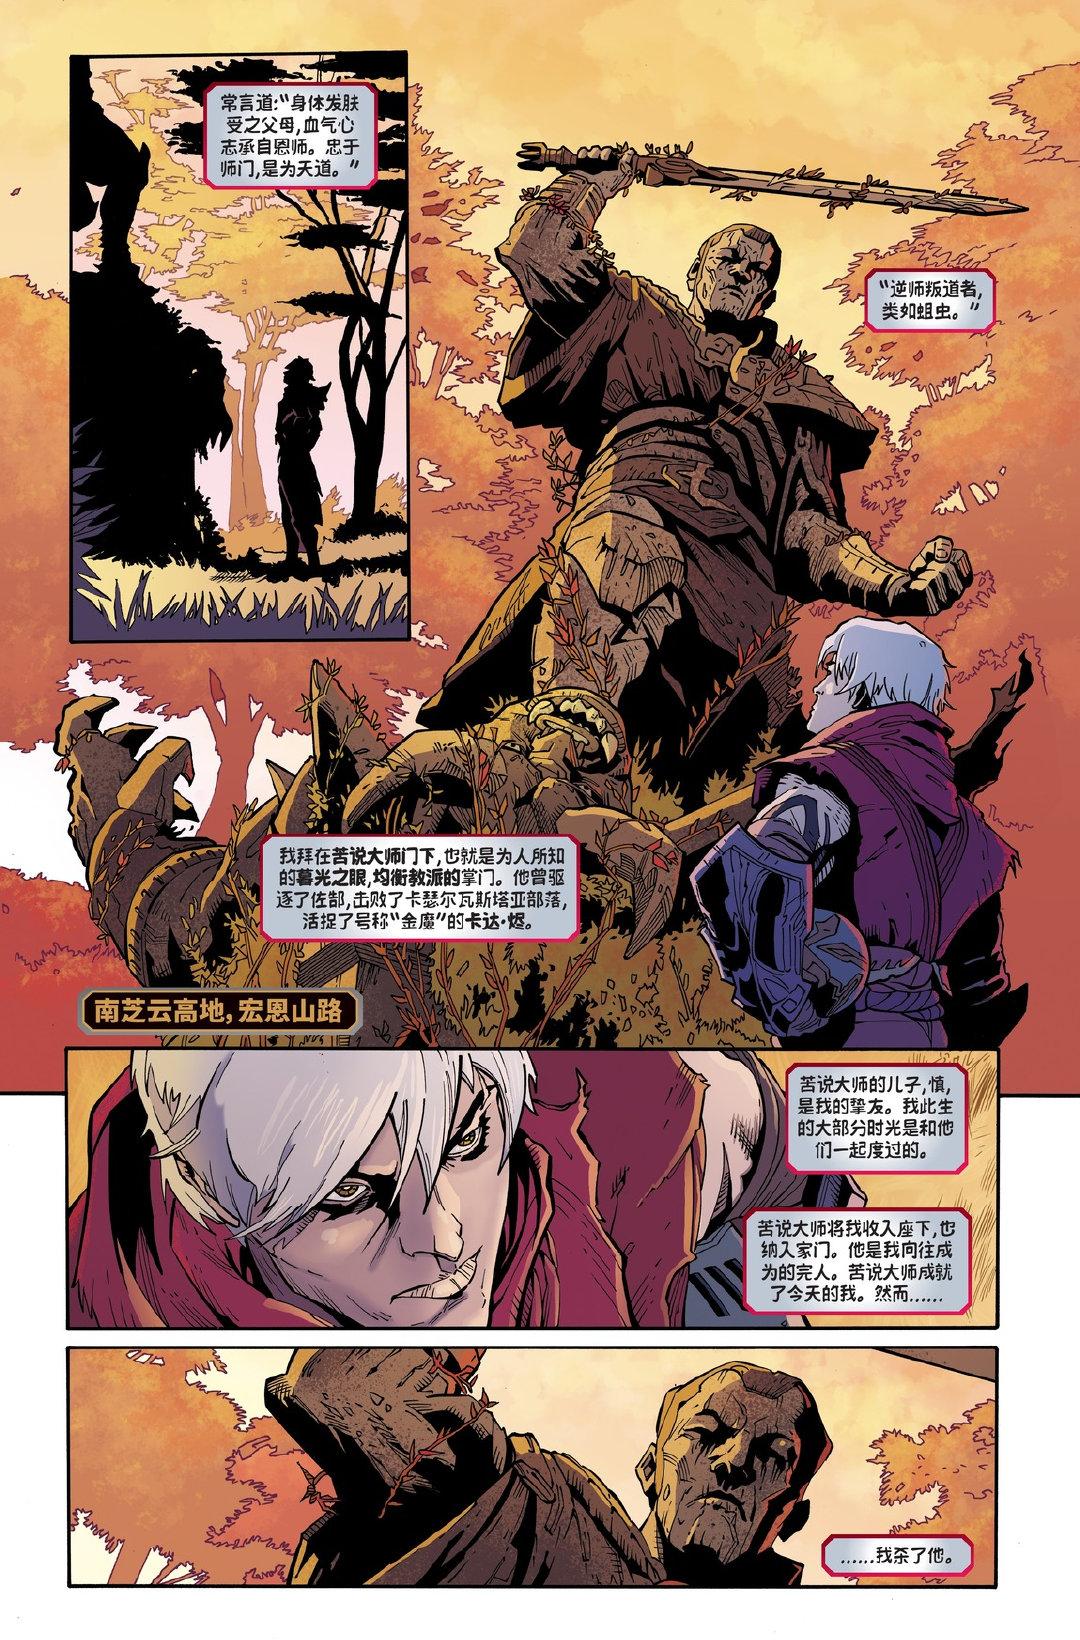 《英雄聯盟》全新漫畫《劫》首話公開 劫、慎摘下面具